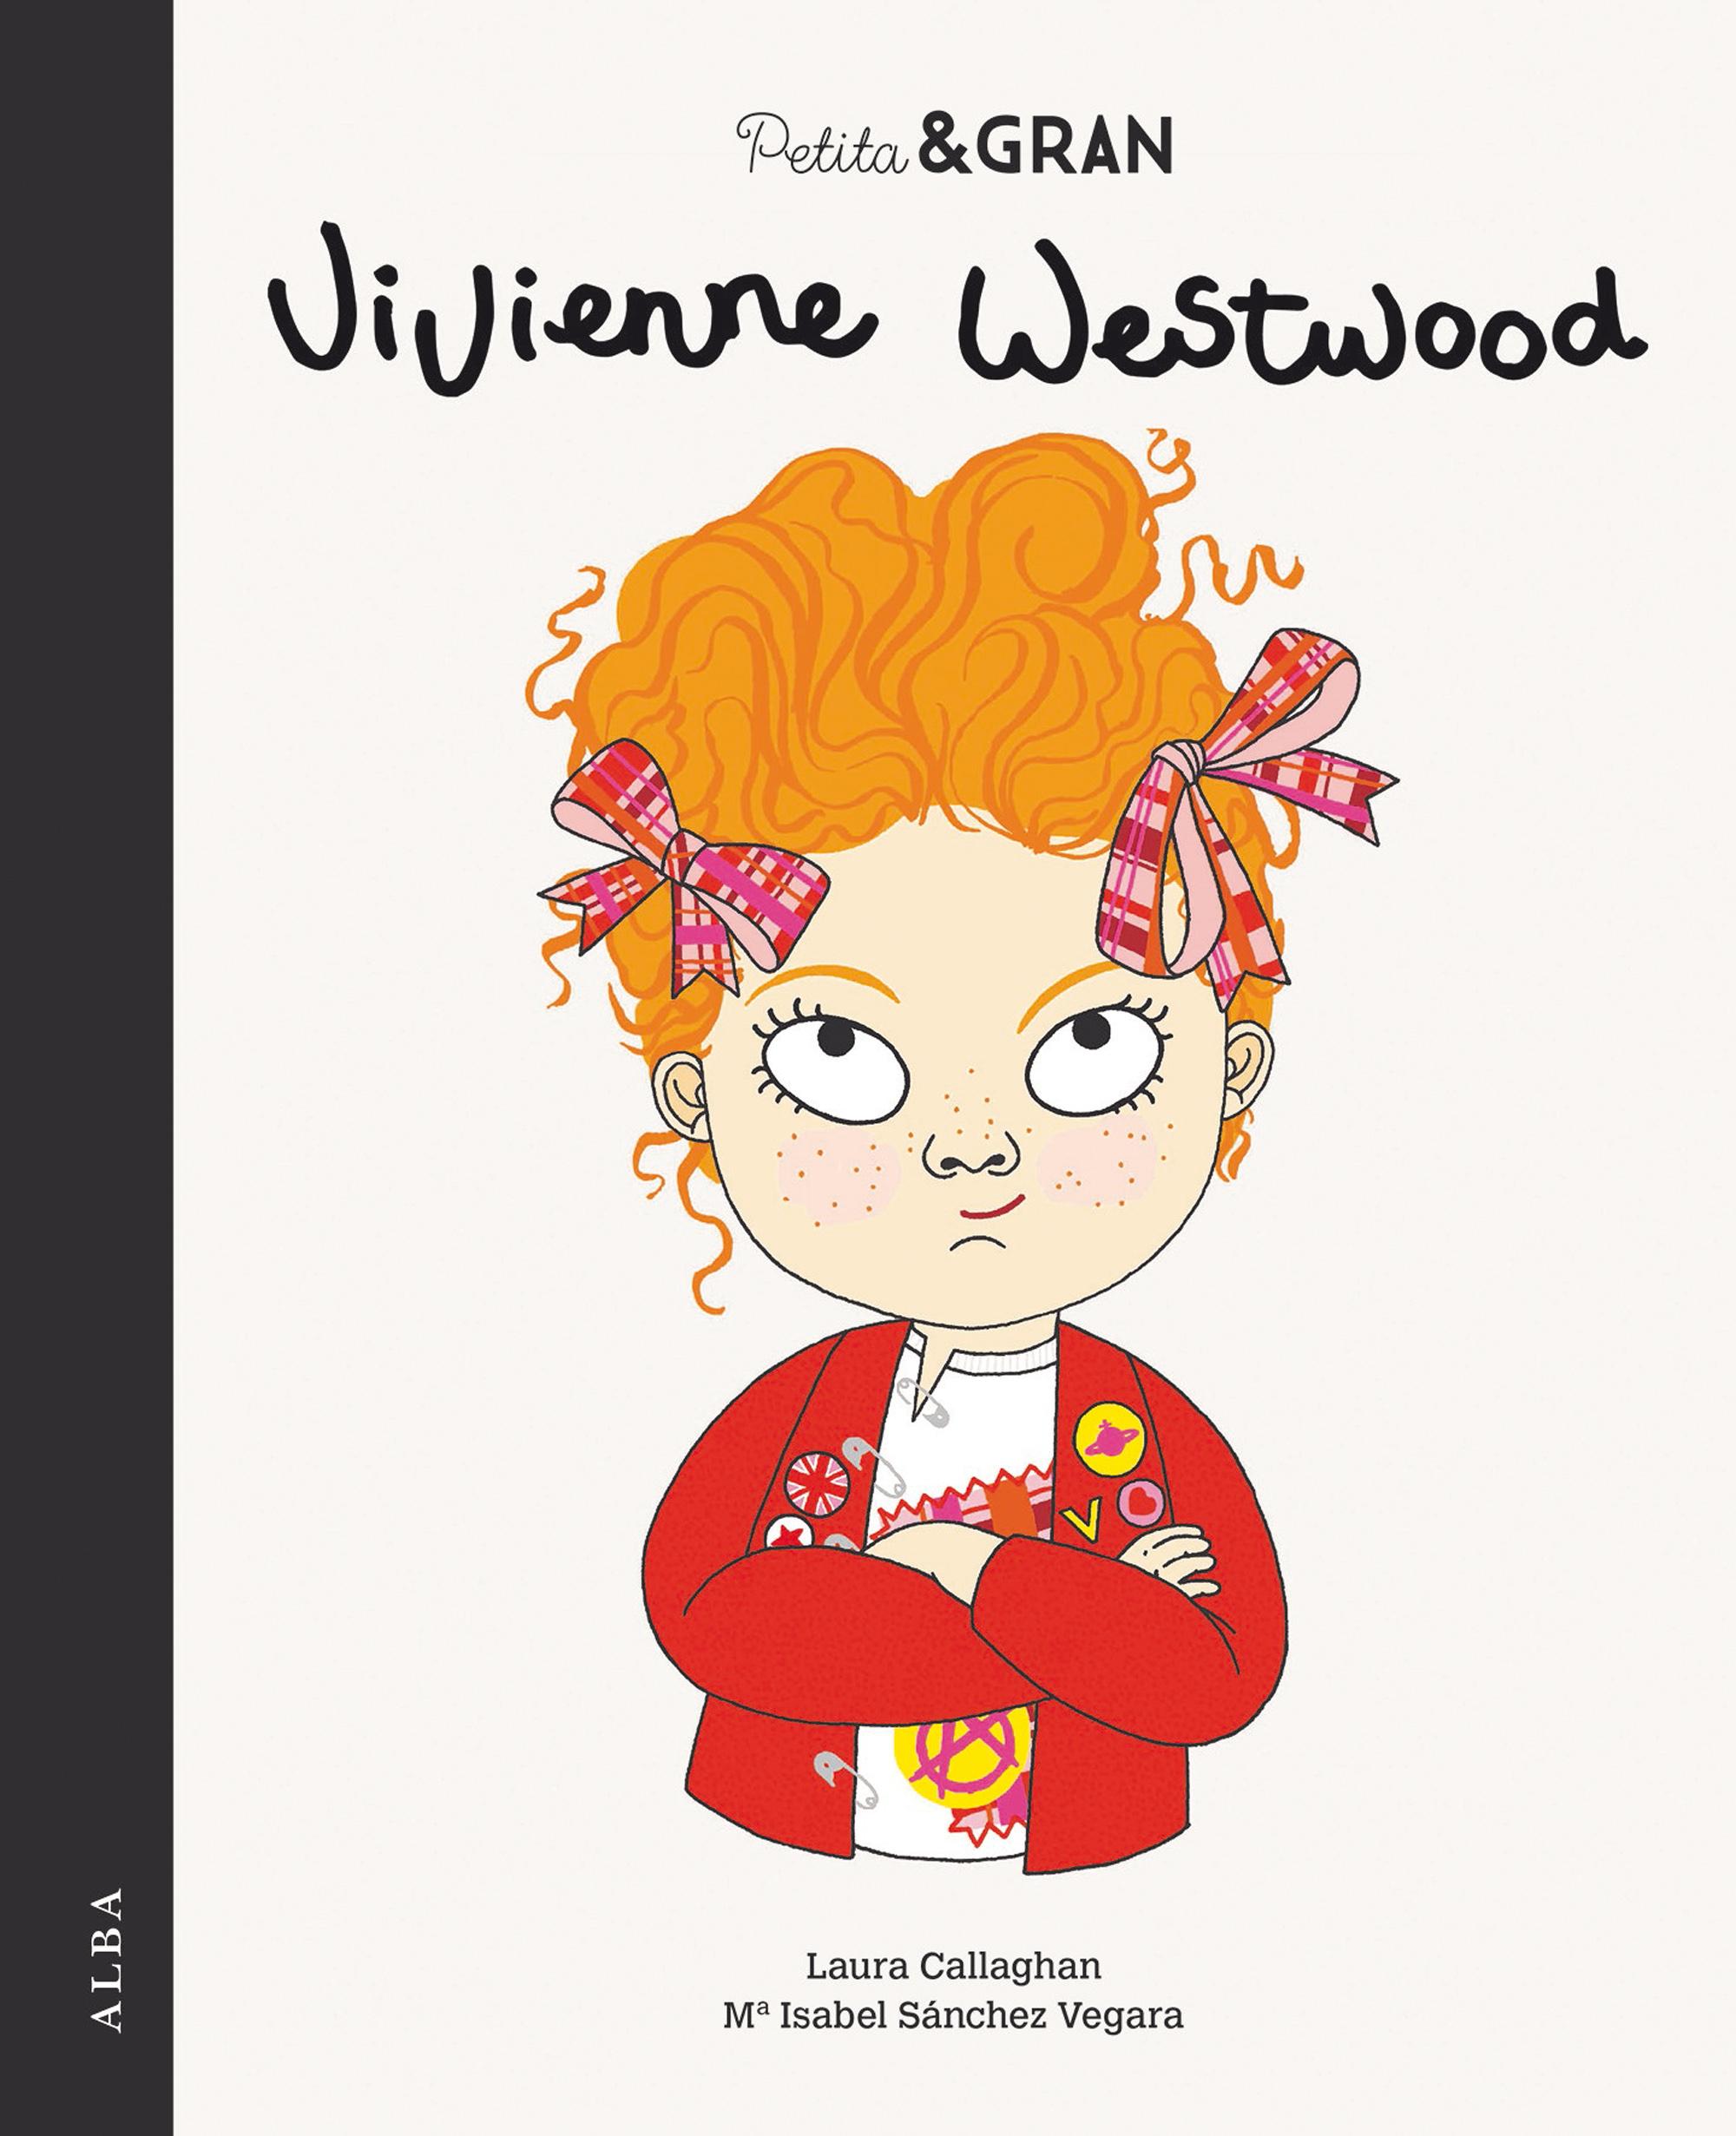 Petita & Gran Vivienne Westwood